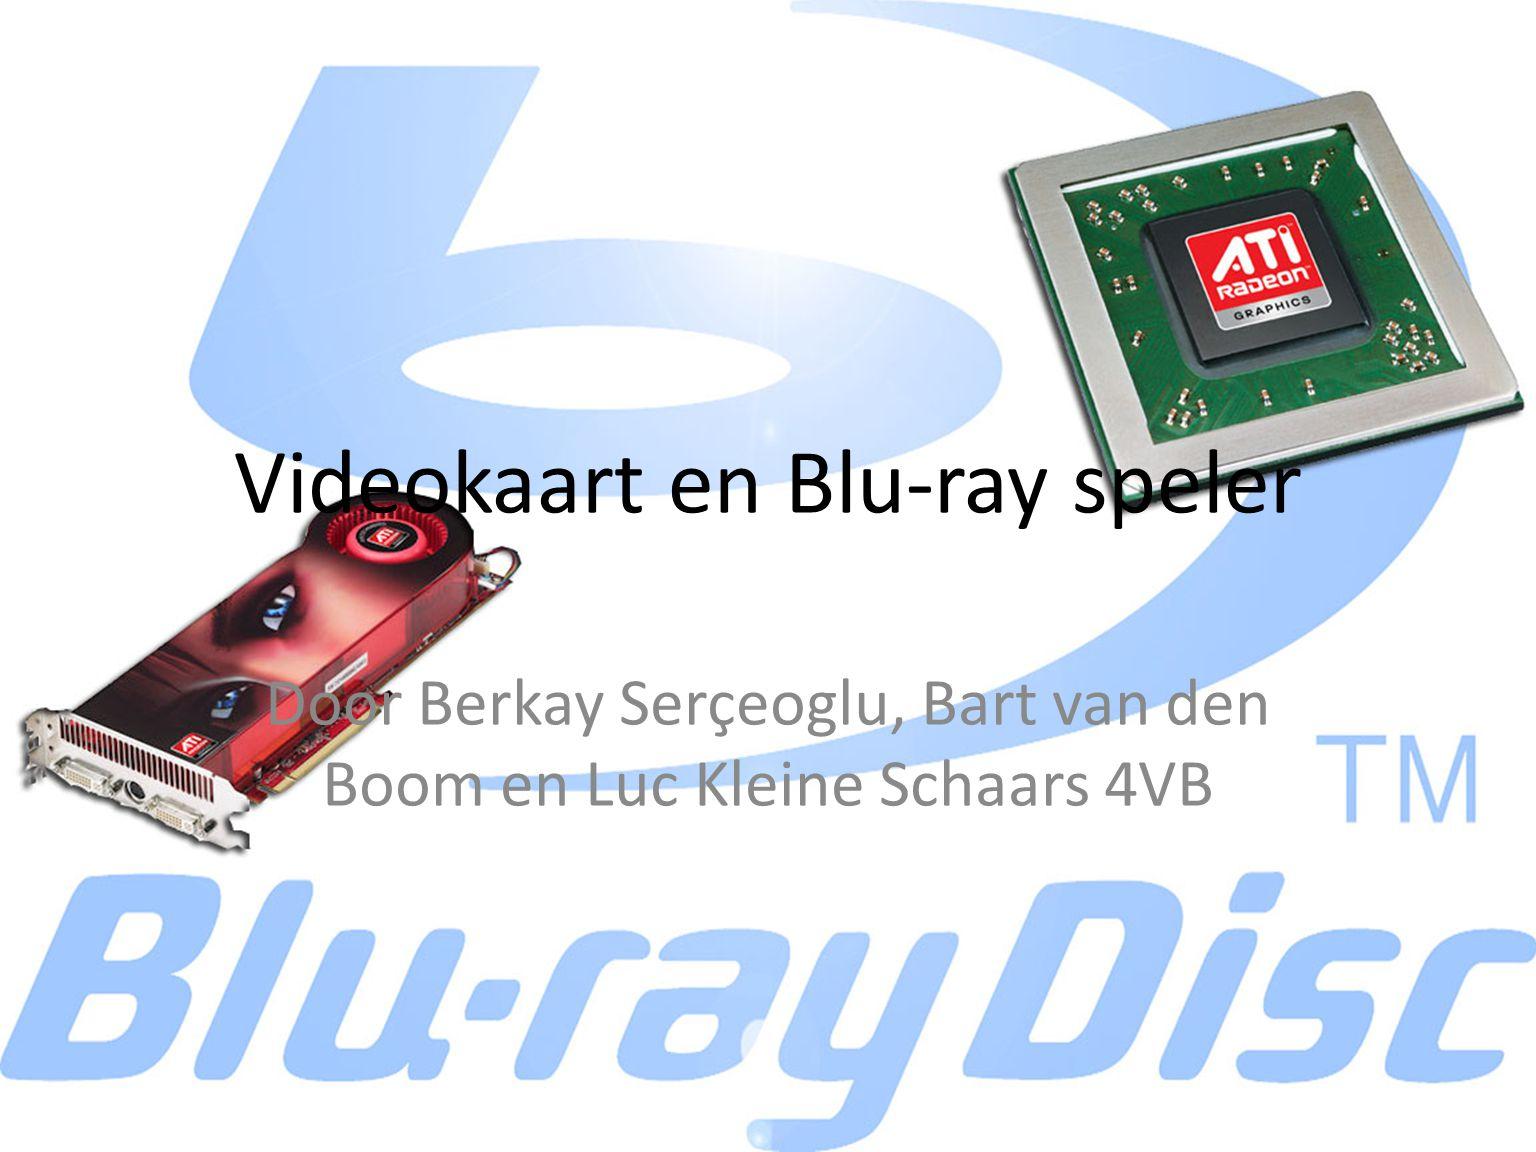 Videokaart en Blu-ray speler Door Berkay Serçeoglu, Bart van den Boom en Luc Kleine Schaars 4VB